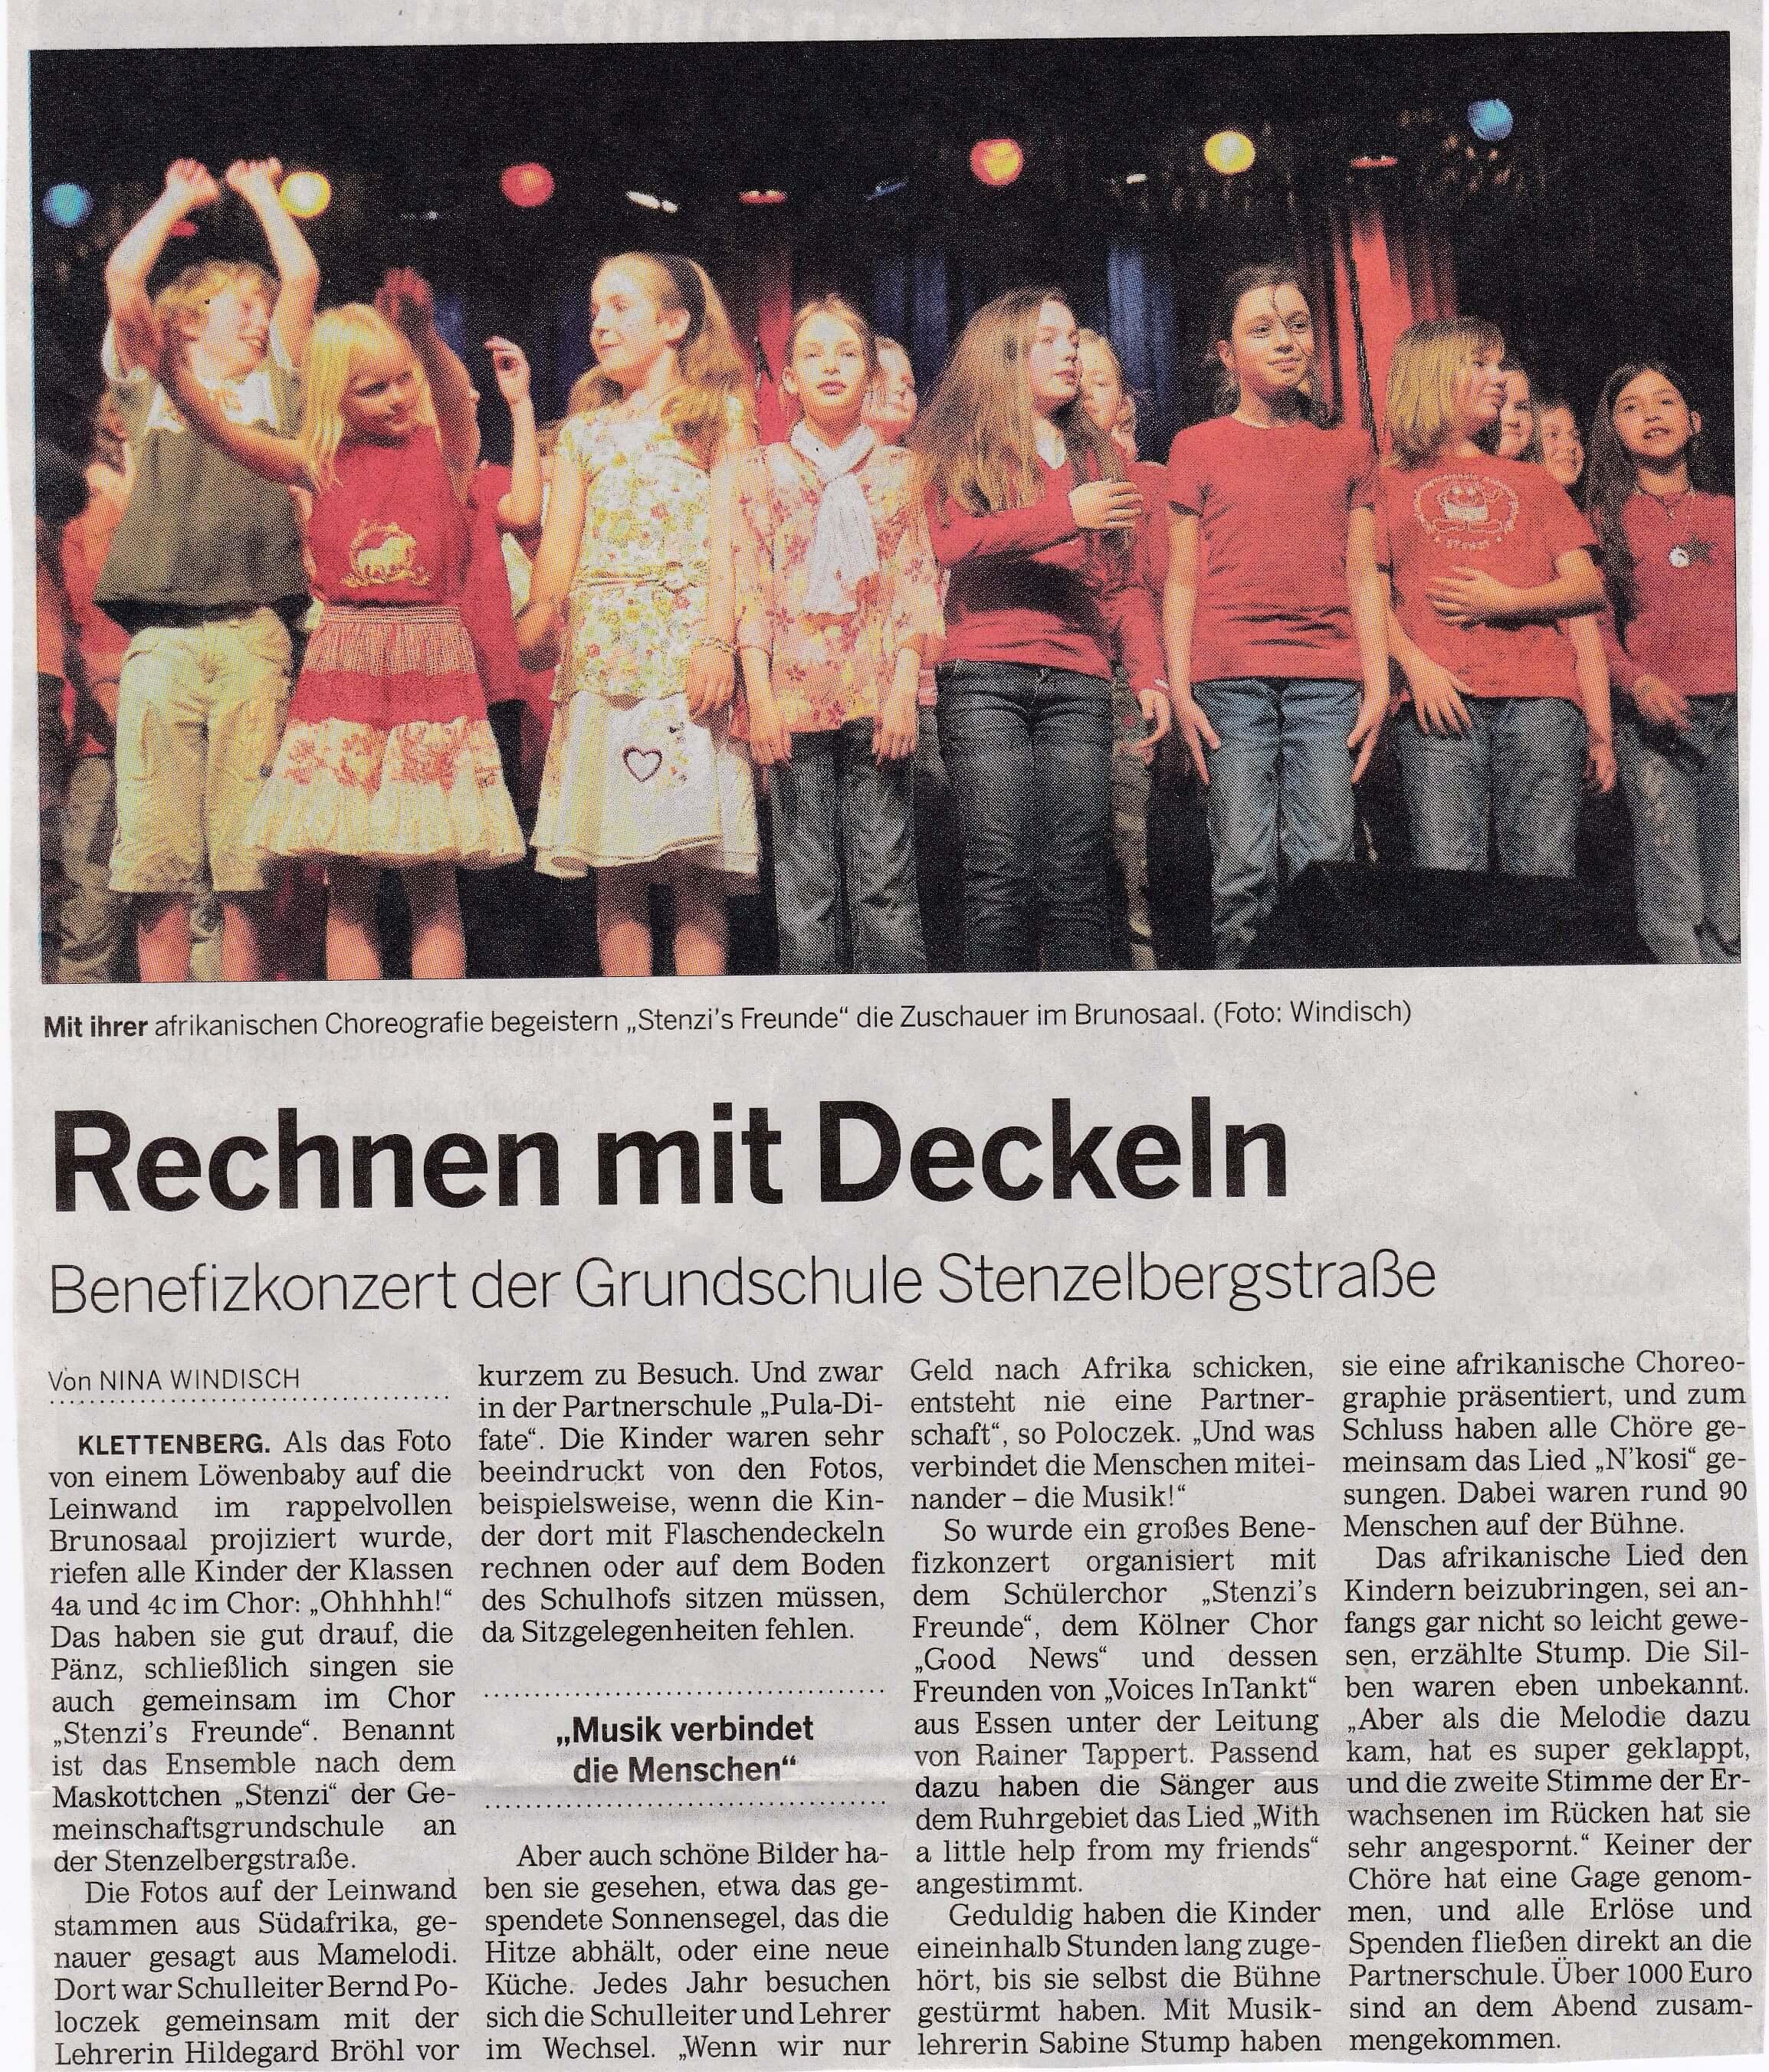 Rechnen mit Deckeln, KStA 05.2009